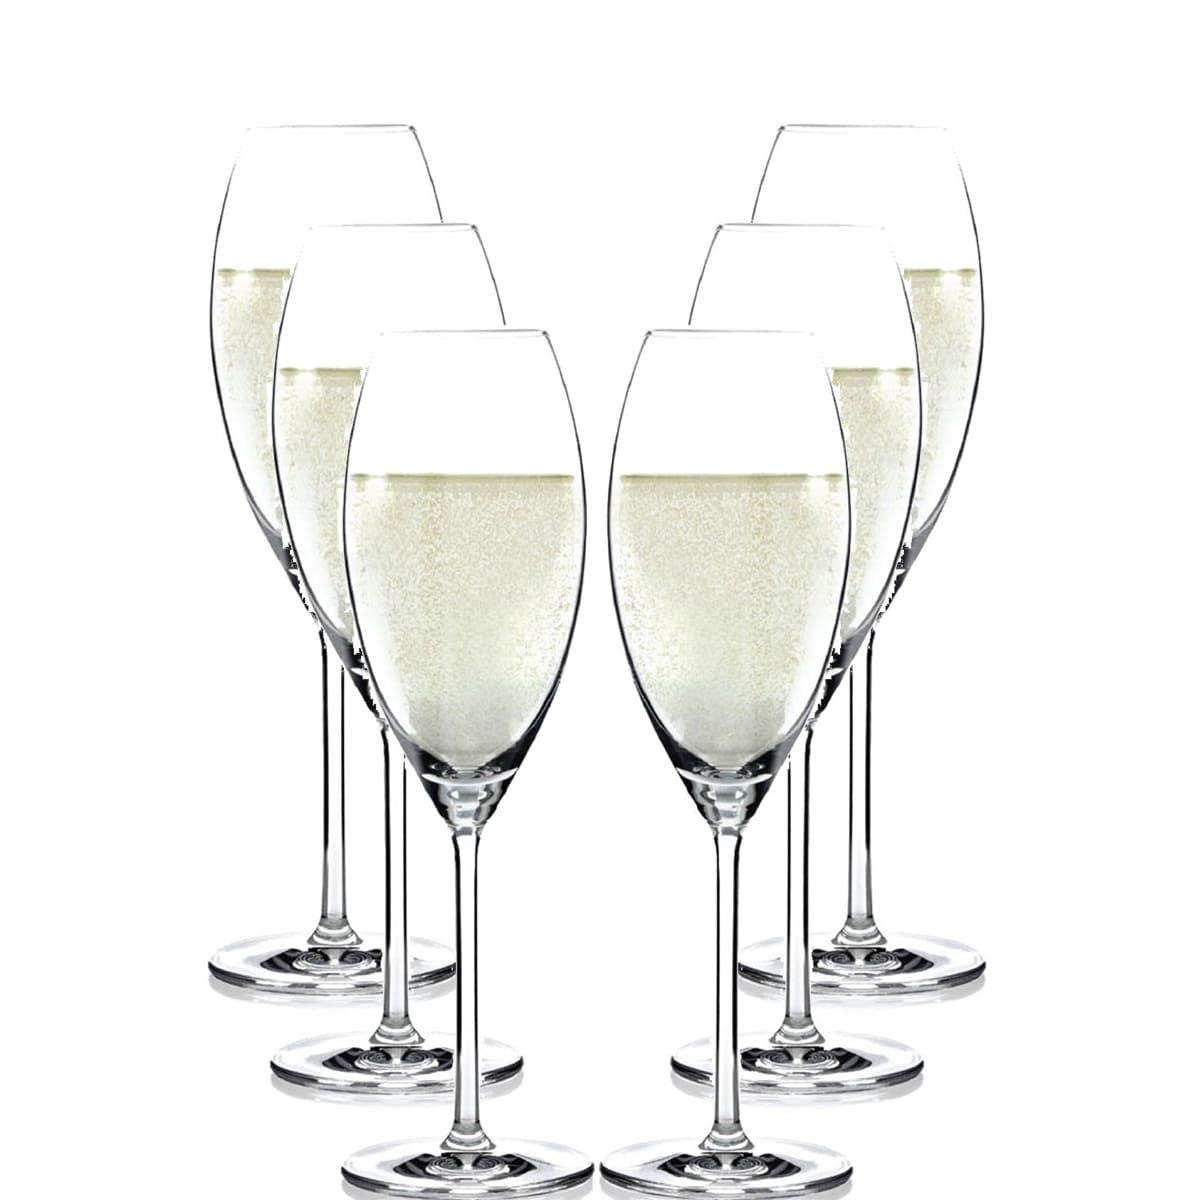 Jogo de Taças de champanhe Ritzenhoff 6 Pçs